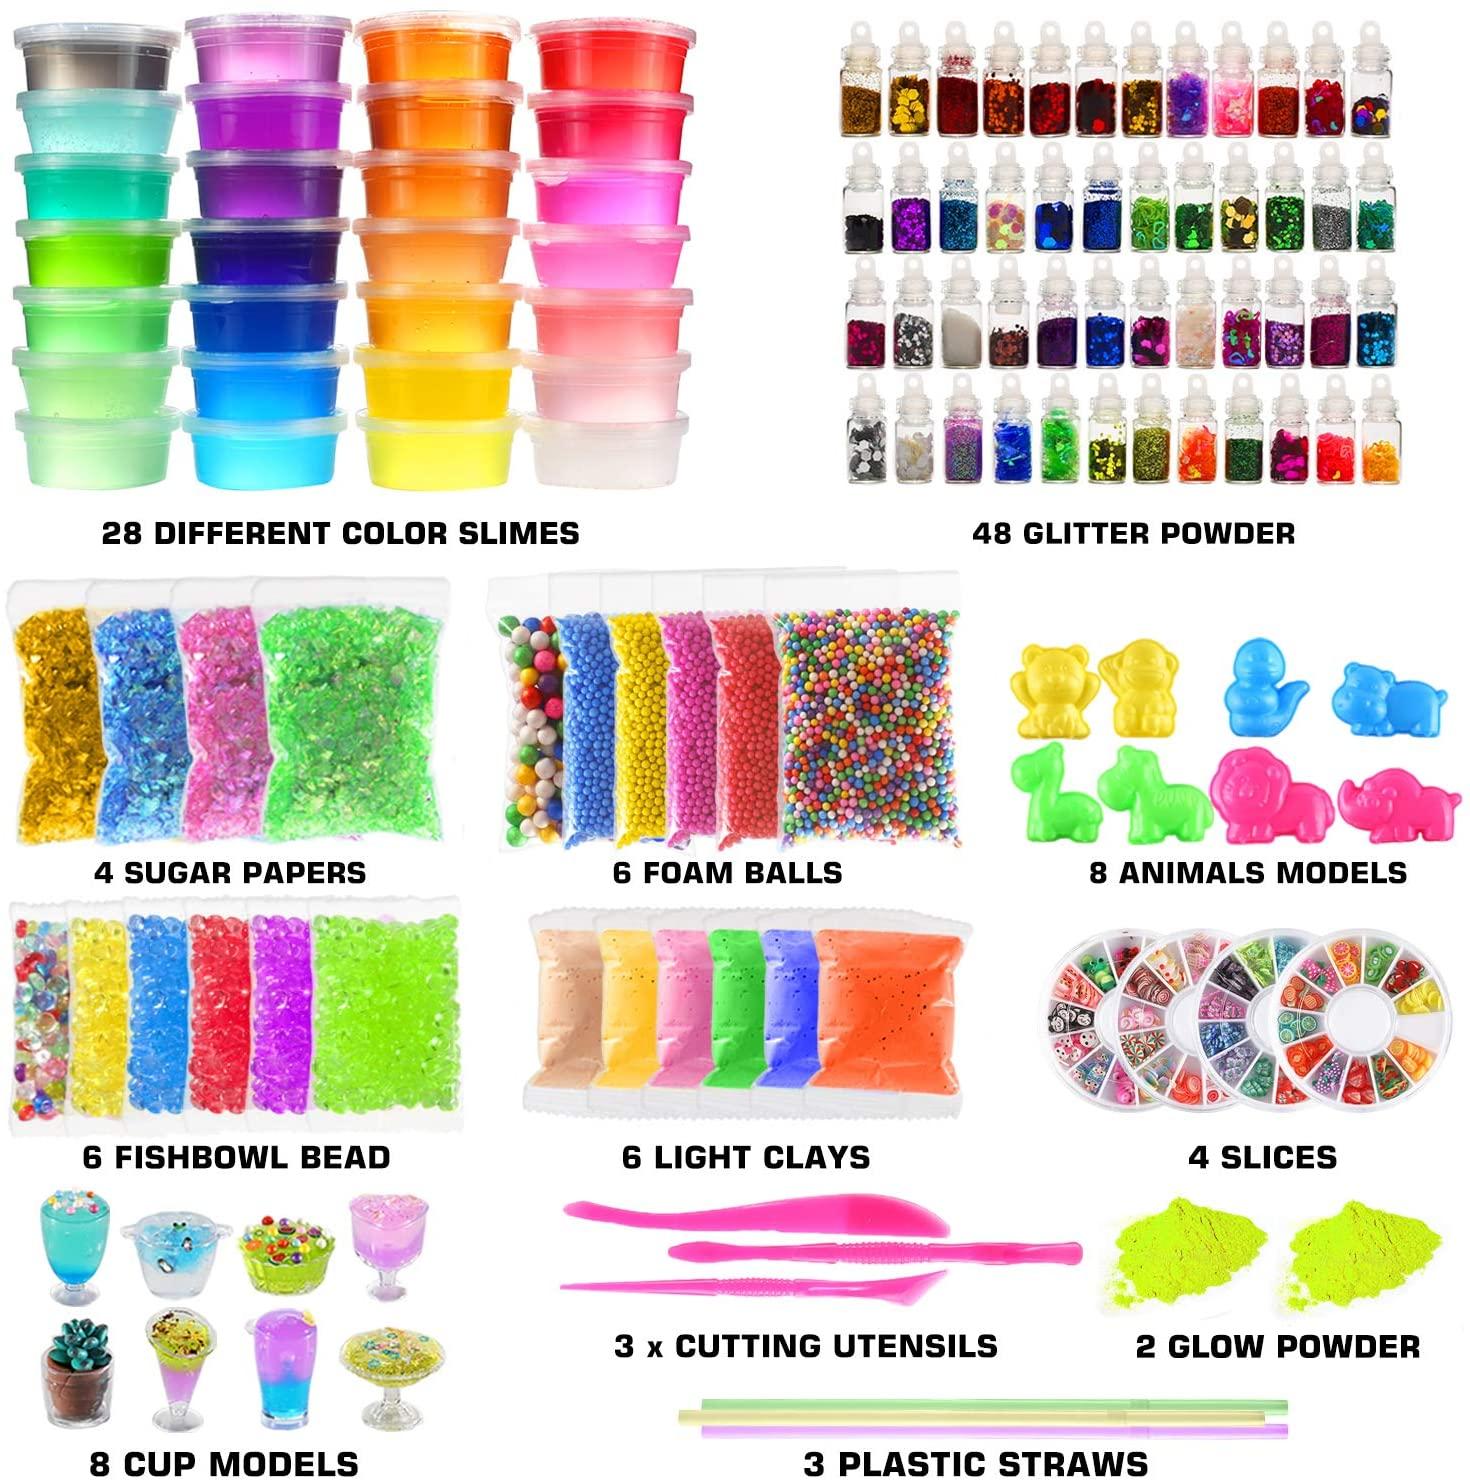 Slime kit for kids diy 126 Pcs DIY Slime Making Kit for Girls Boys